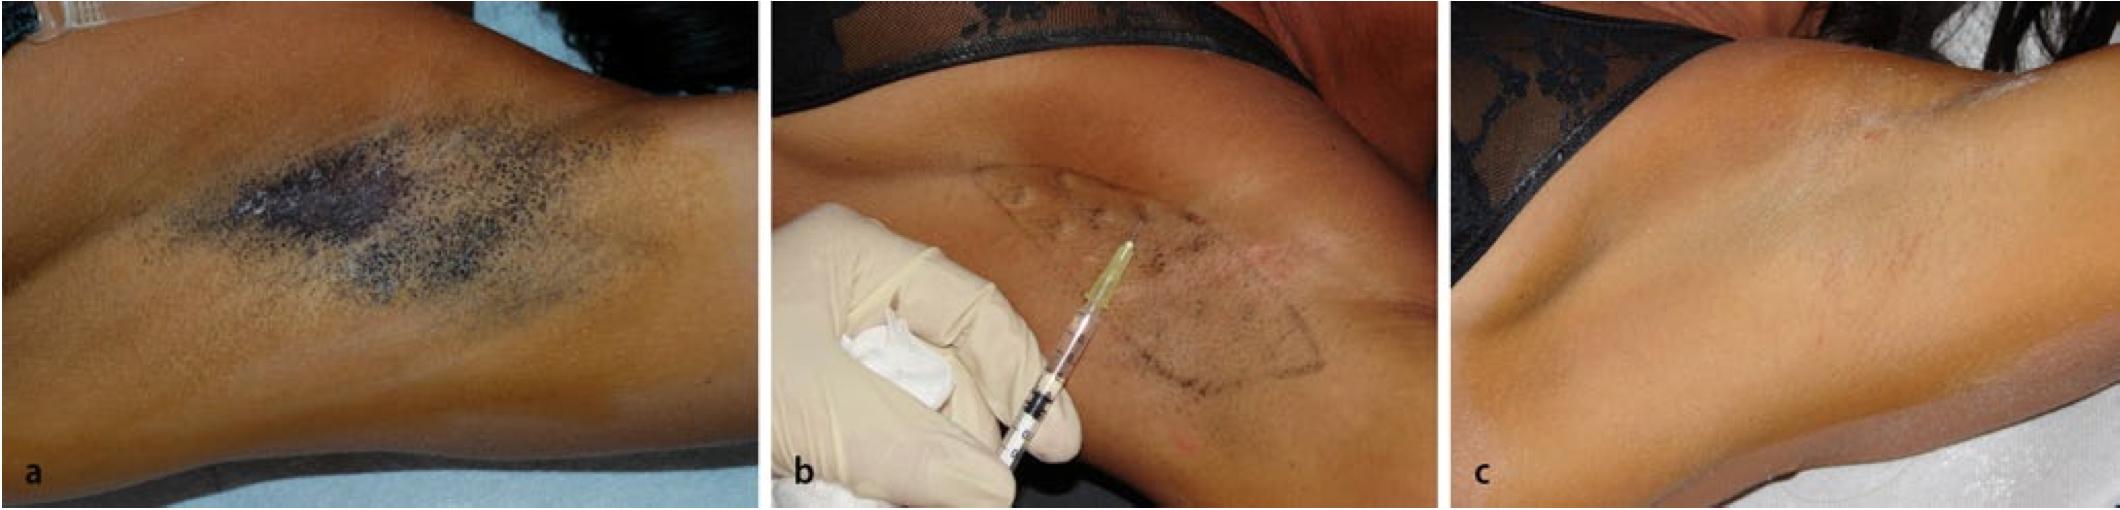 a) Der Jod-Stärke-Test, um die stark-schwitzenden Gebiete zu verdeutlichen. b.) Das Spritzen von Botulinumtoxin. Per Achsel erfolgen in der Regel 10-20 Einstiche c.) Der Jod Stärke-Test nach 4 Wochen. Schweißverminderung liegt durchschnittlich bei 83,5%.